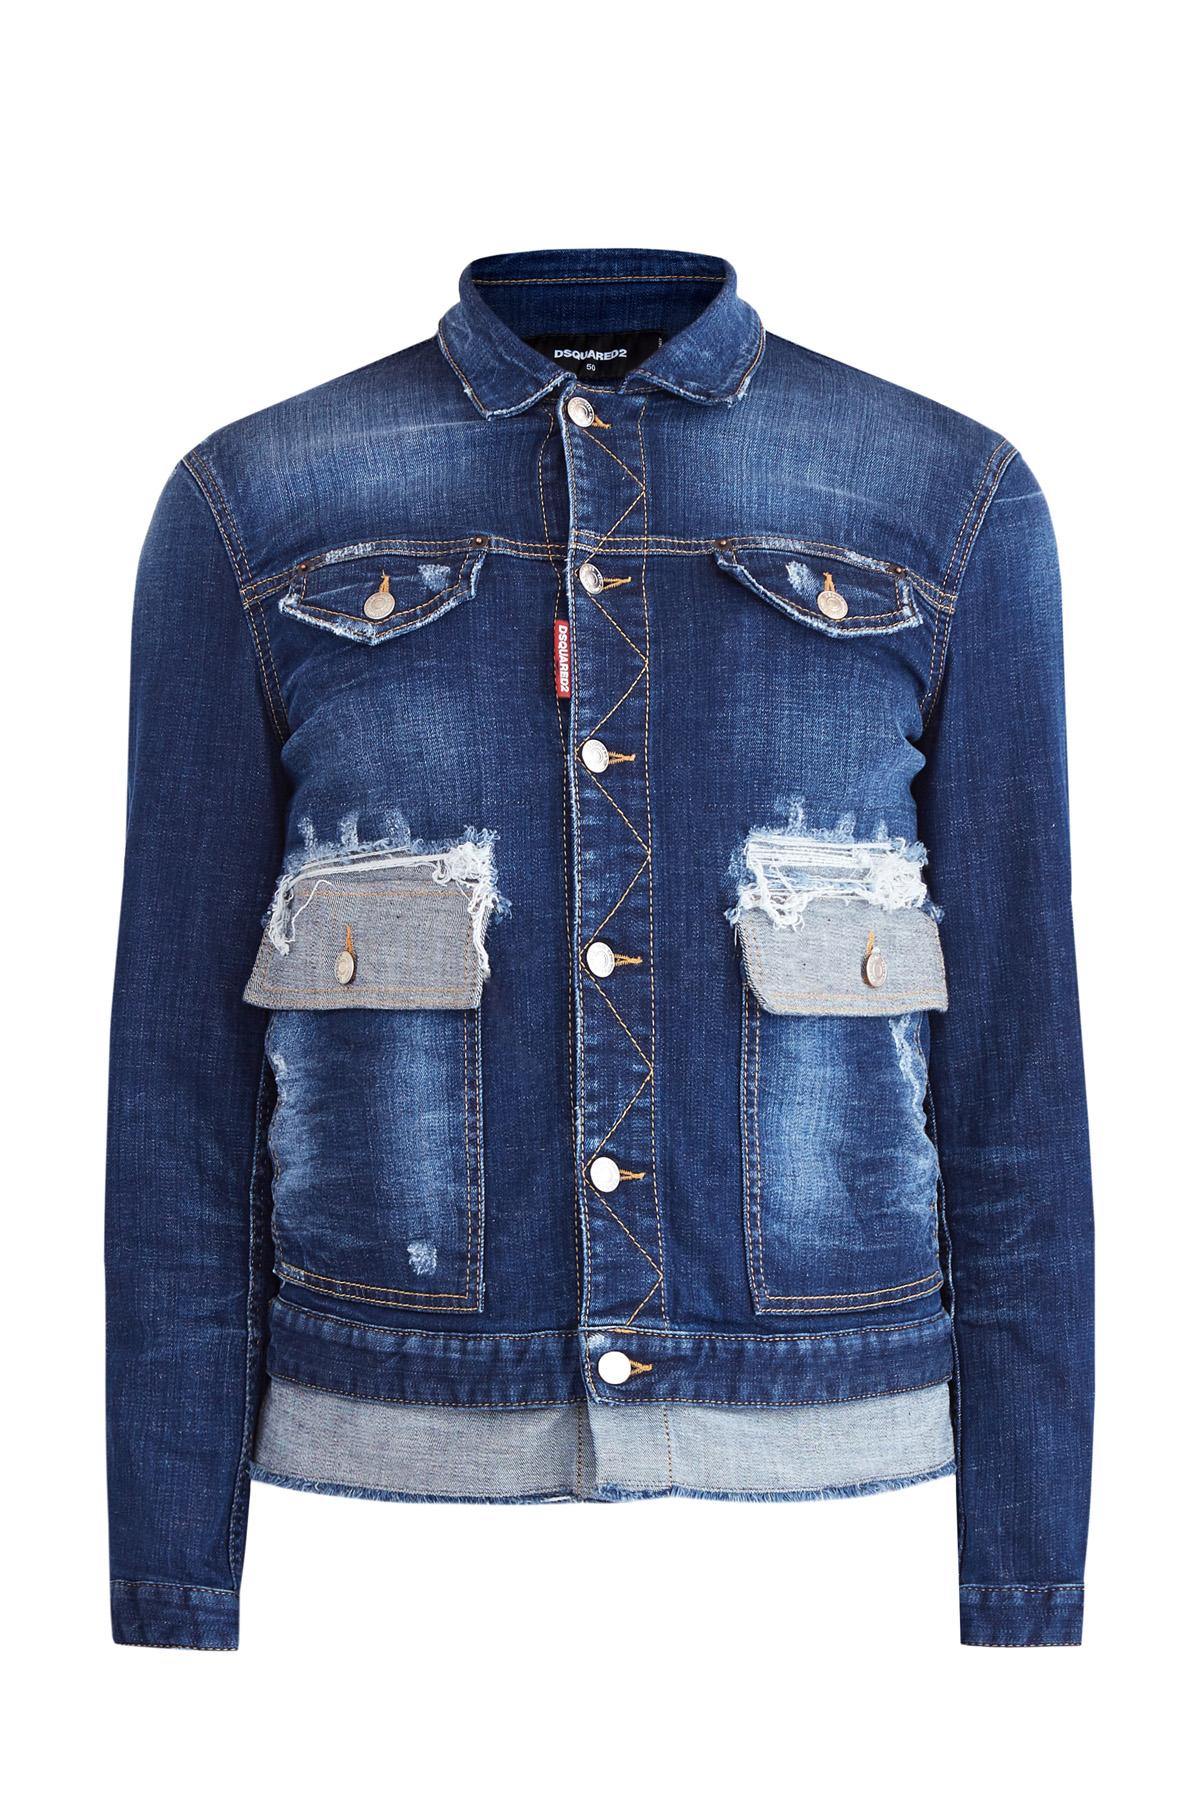 Купить Куртка, DSQUARED2, Италия, хлопок 98%, эластан 2%